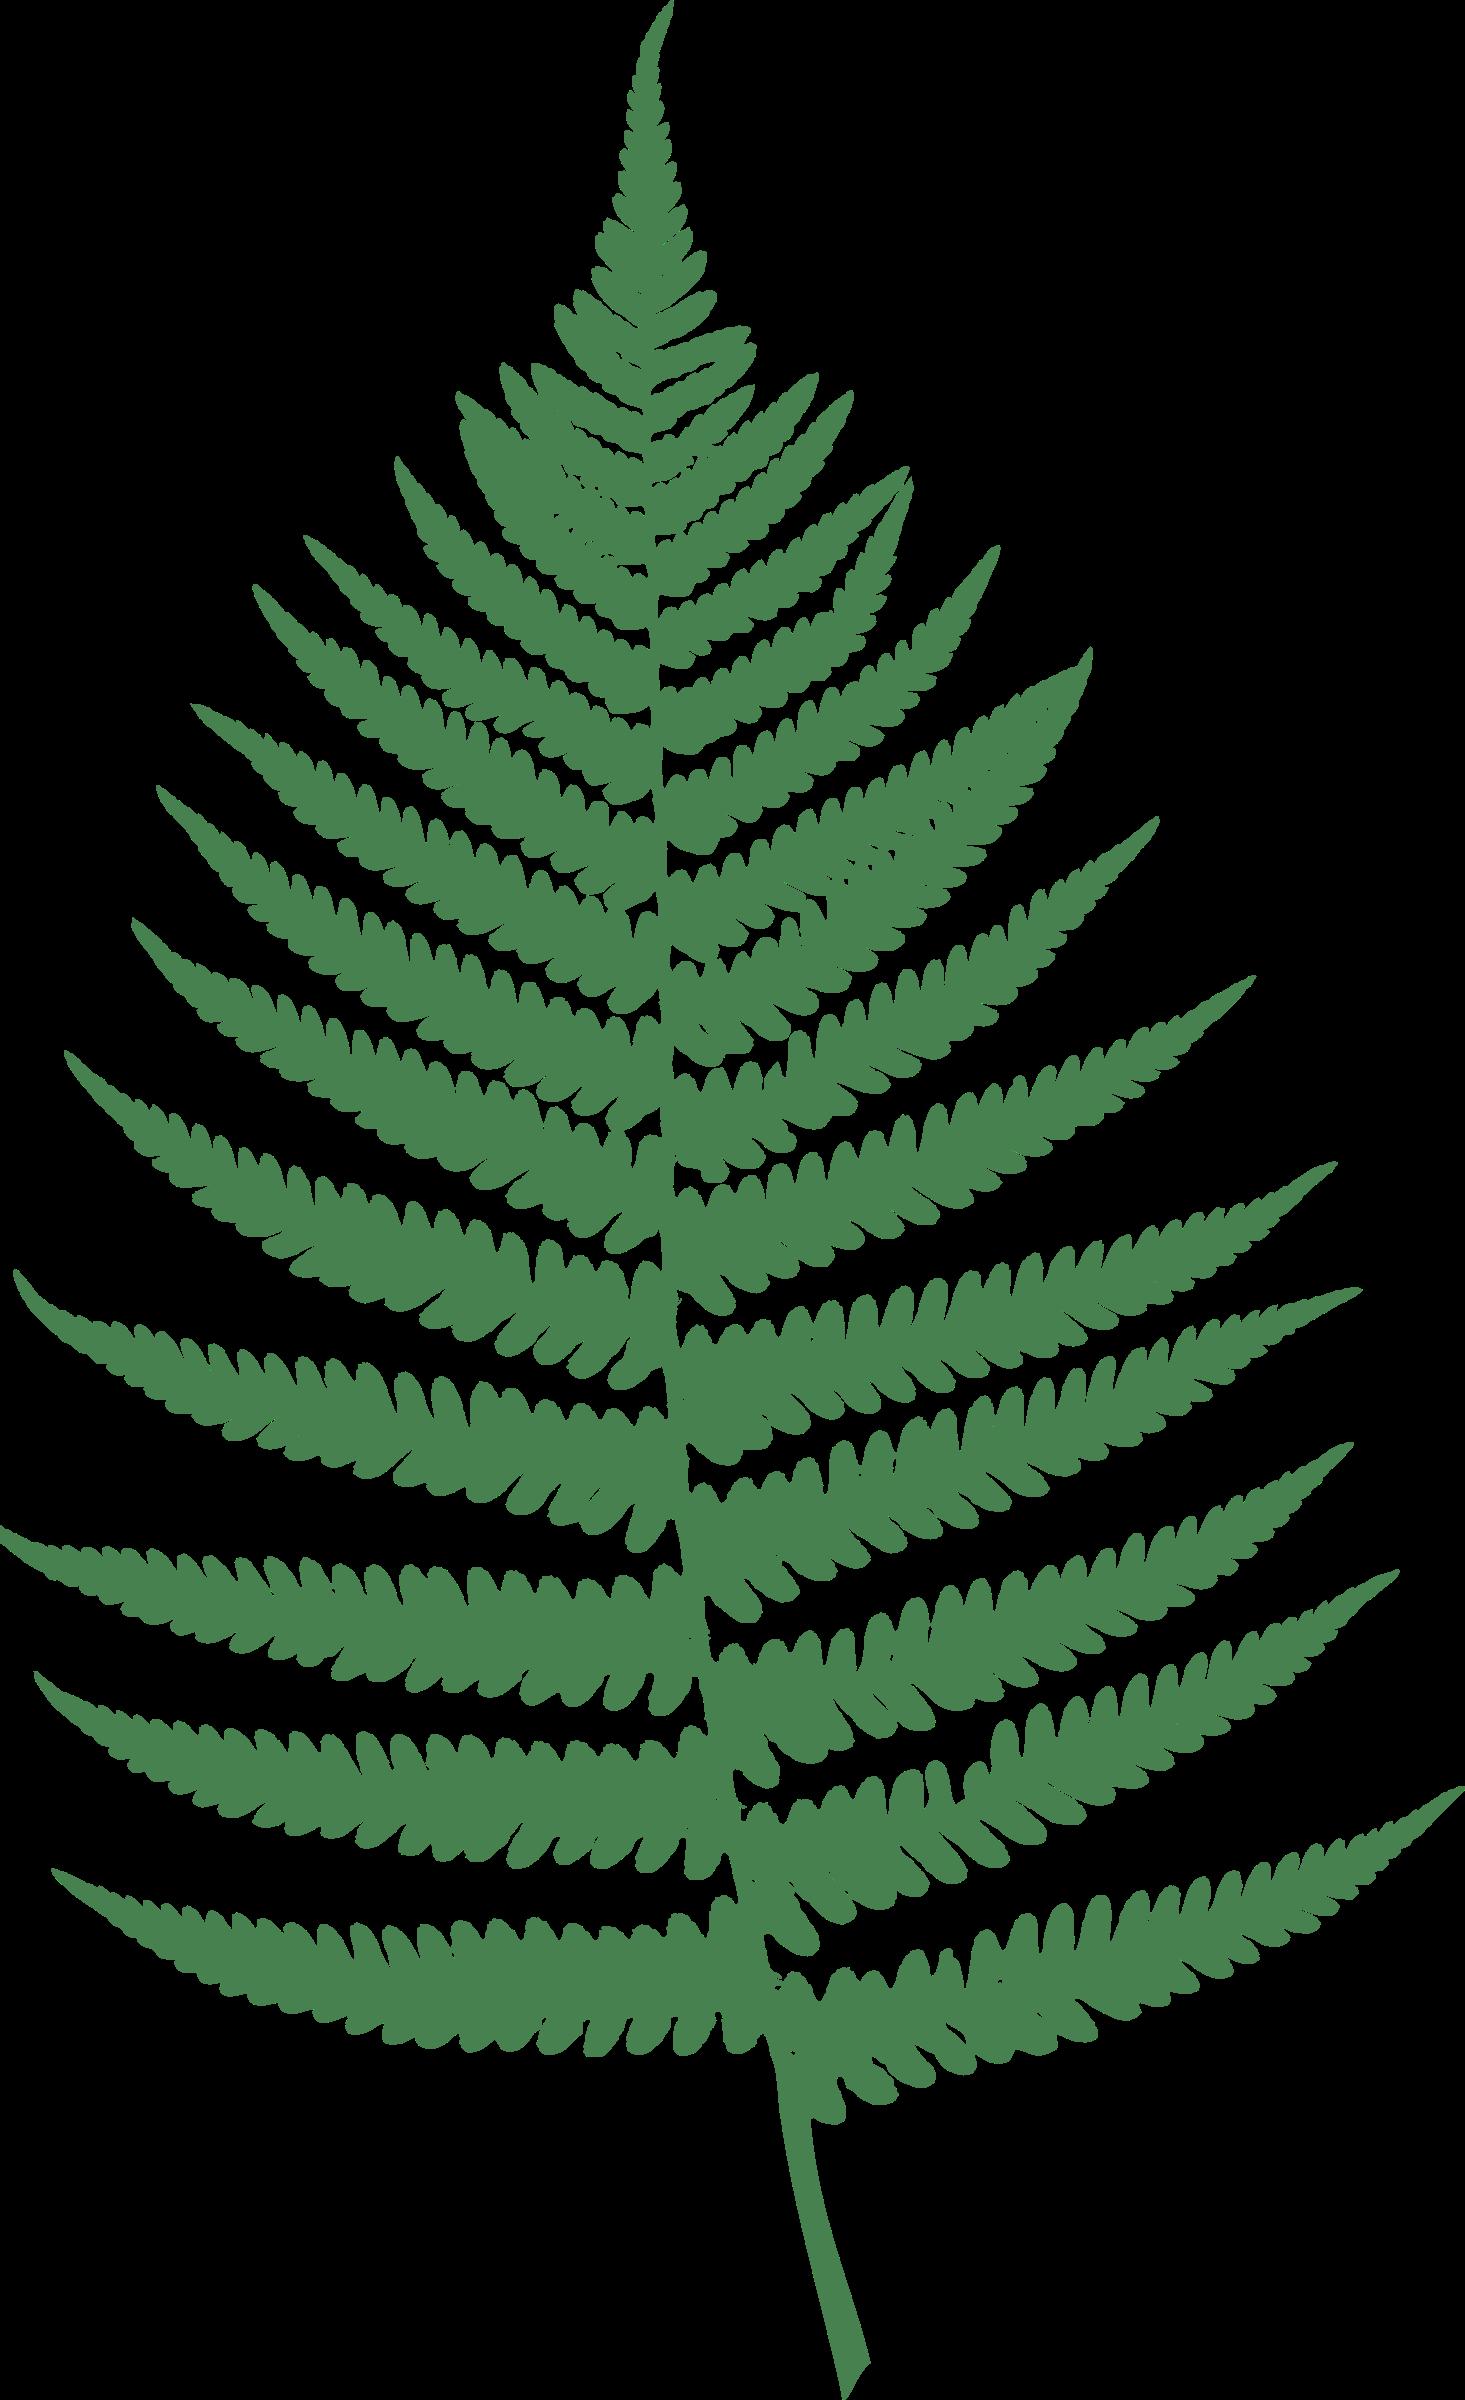 leaf clipart fern